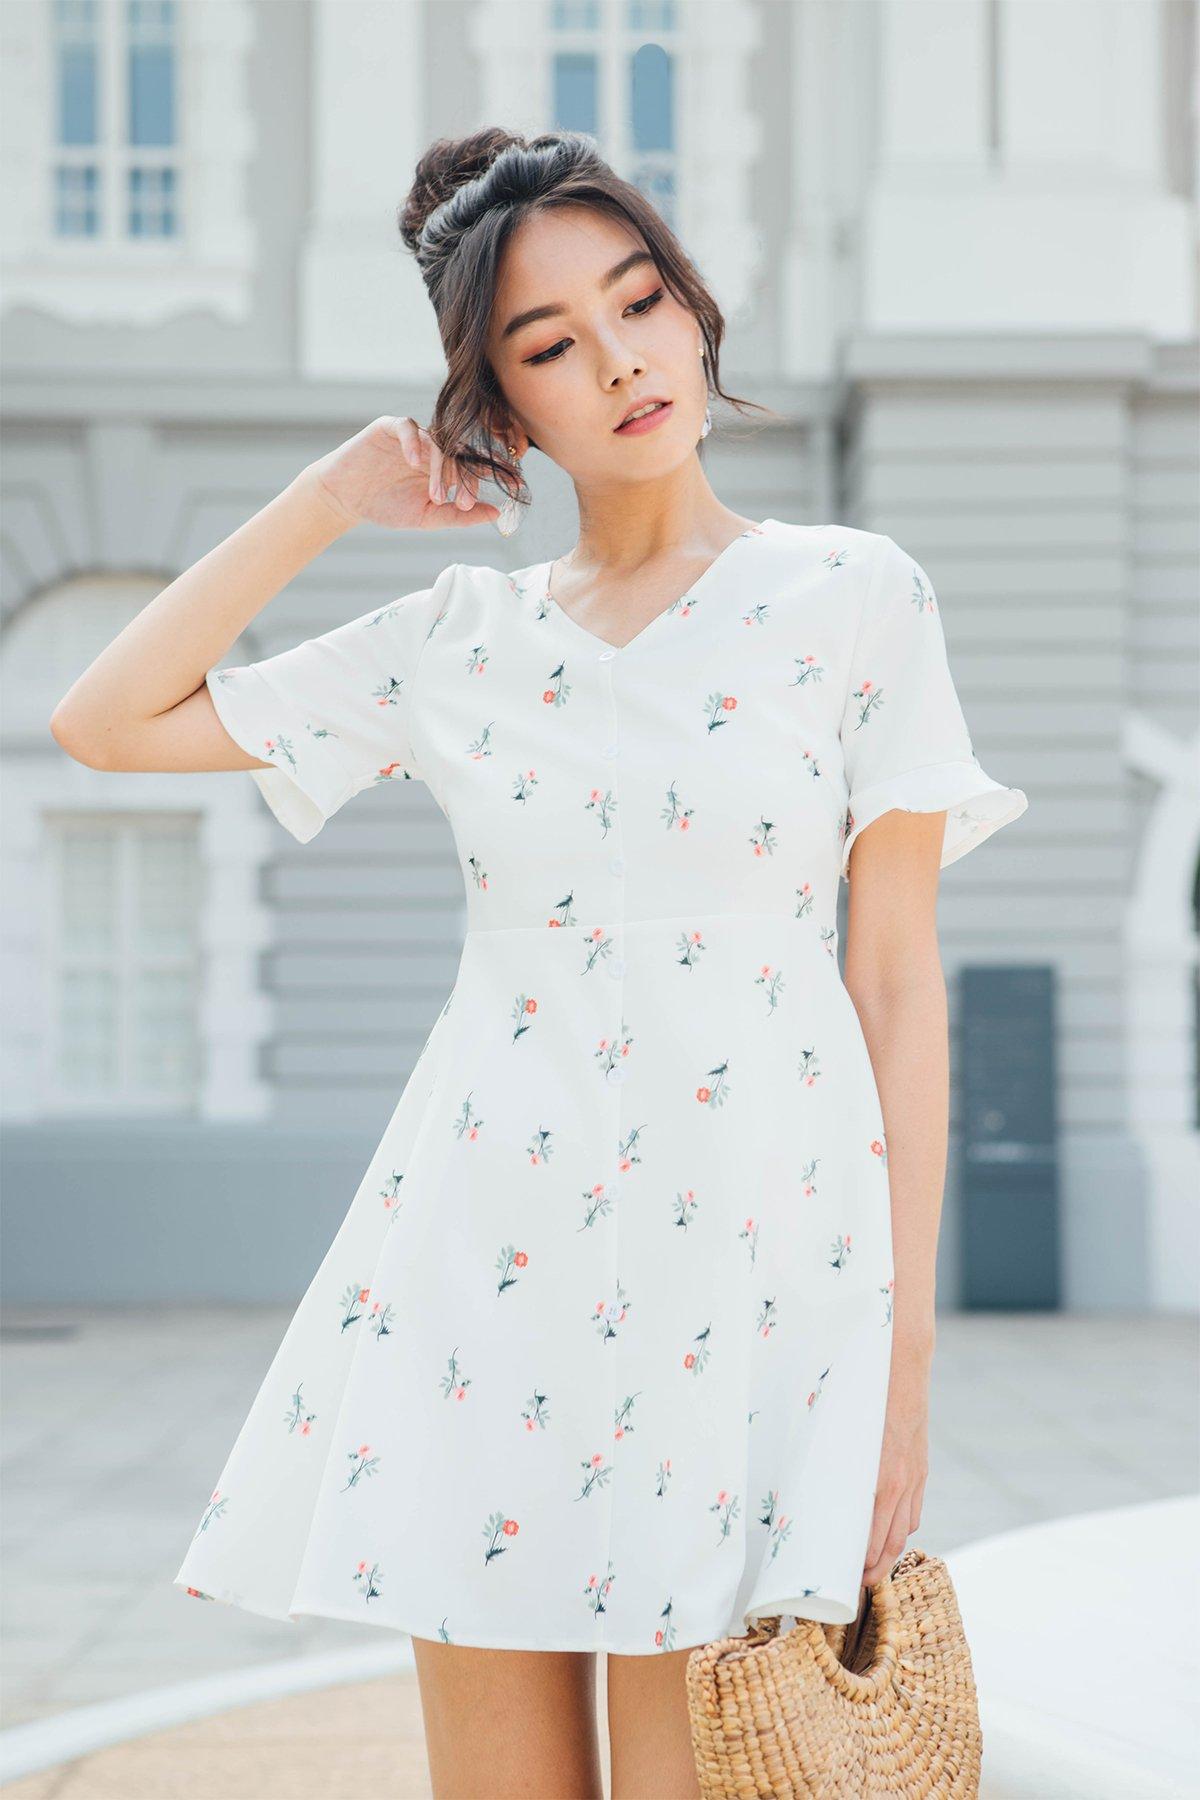 floral_dress_white_3_1024x1024@2x